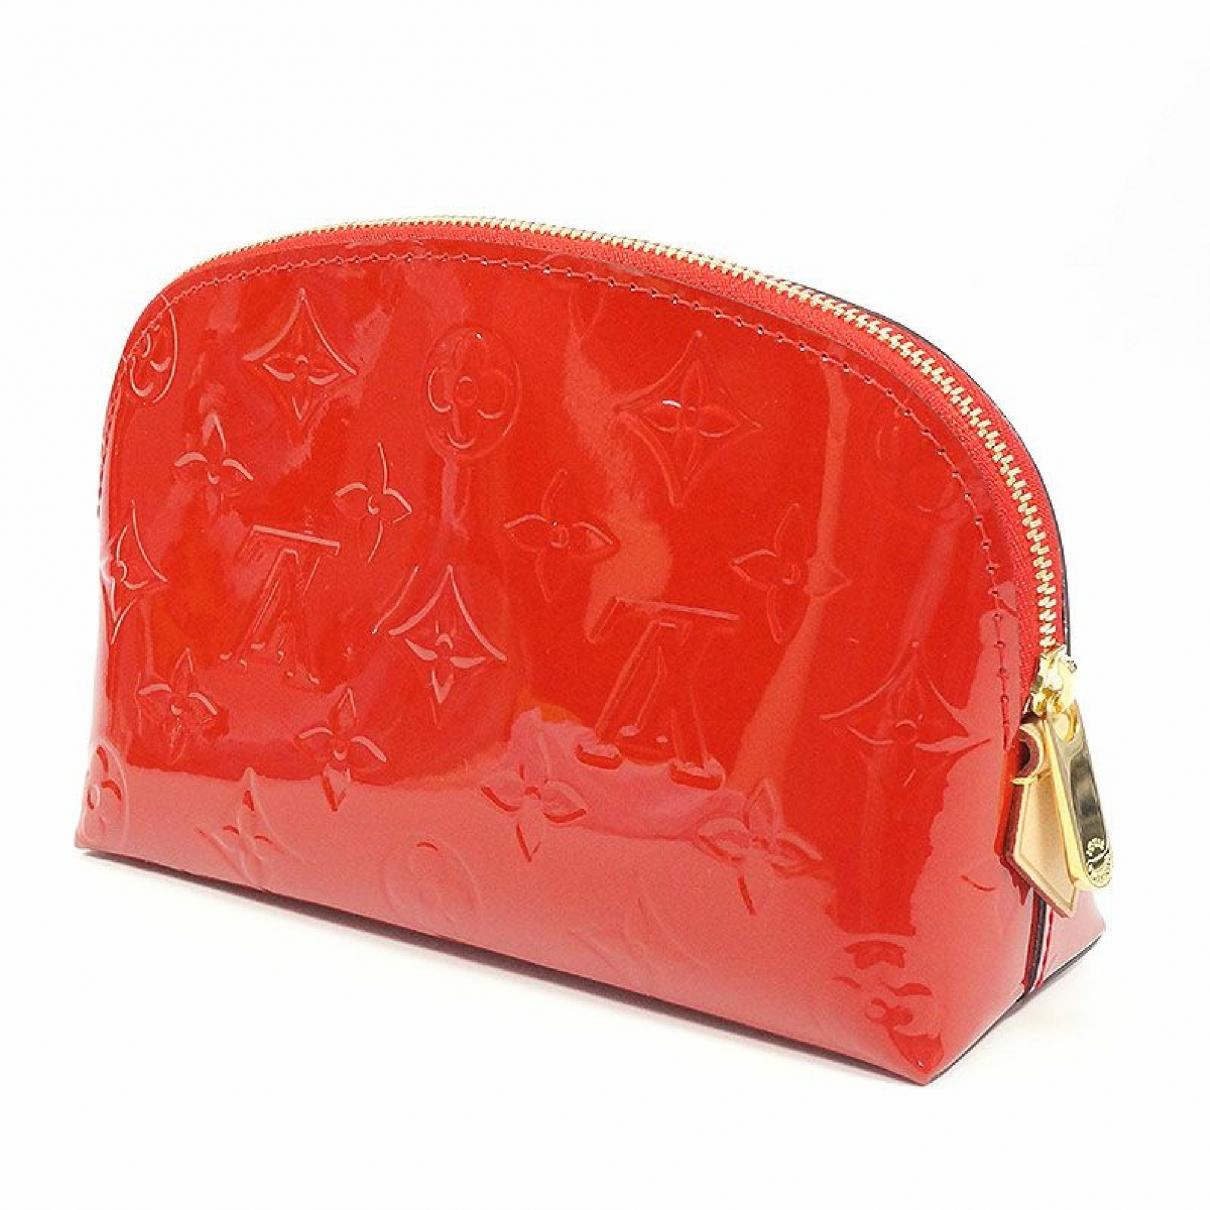 Louis Vuitton - Petite maroquinerie   pour femme en cuir verni - marron